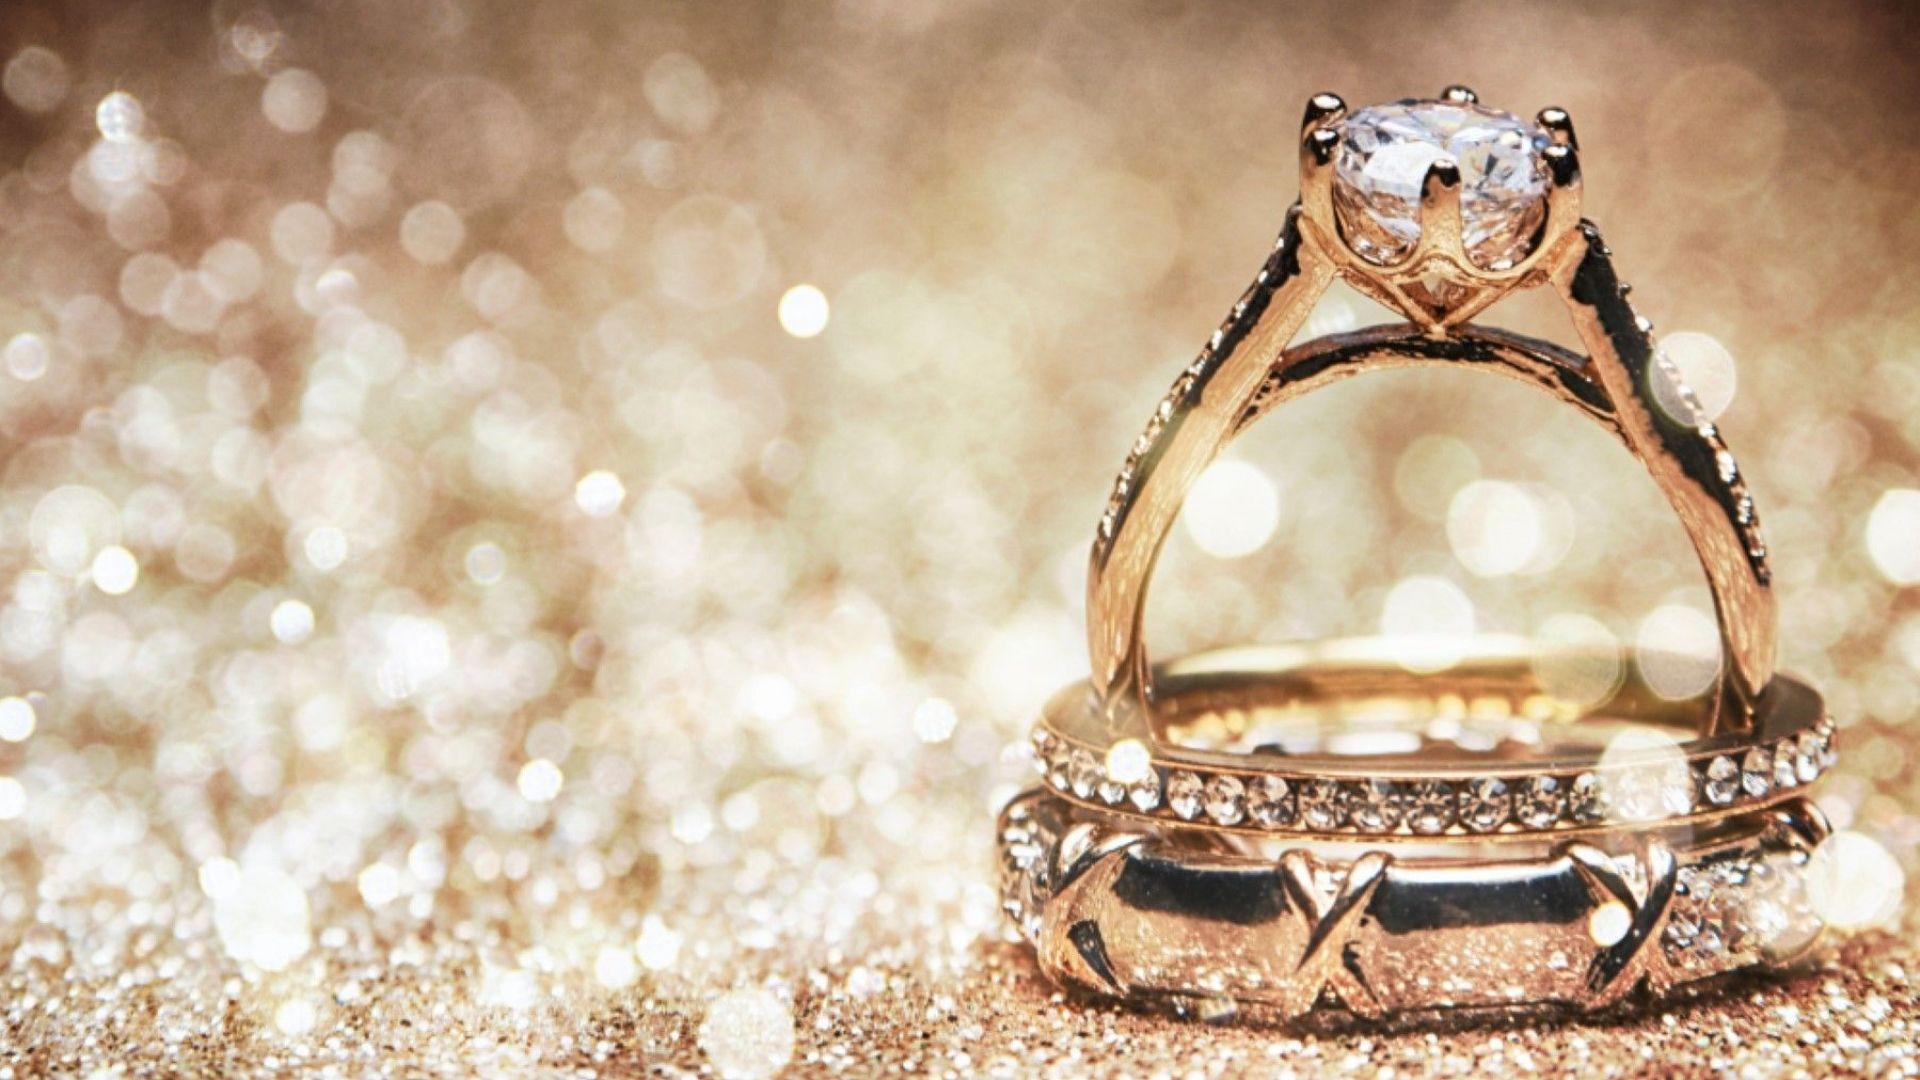 Ирландски турист в Турция глътна откраднат диамантен пръстен